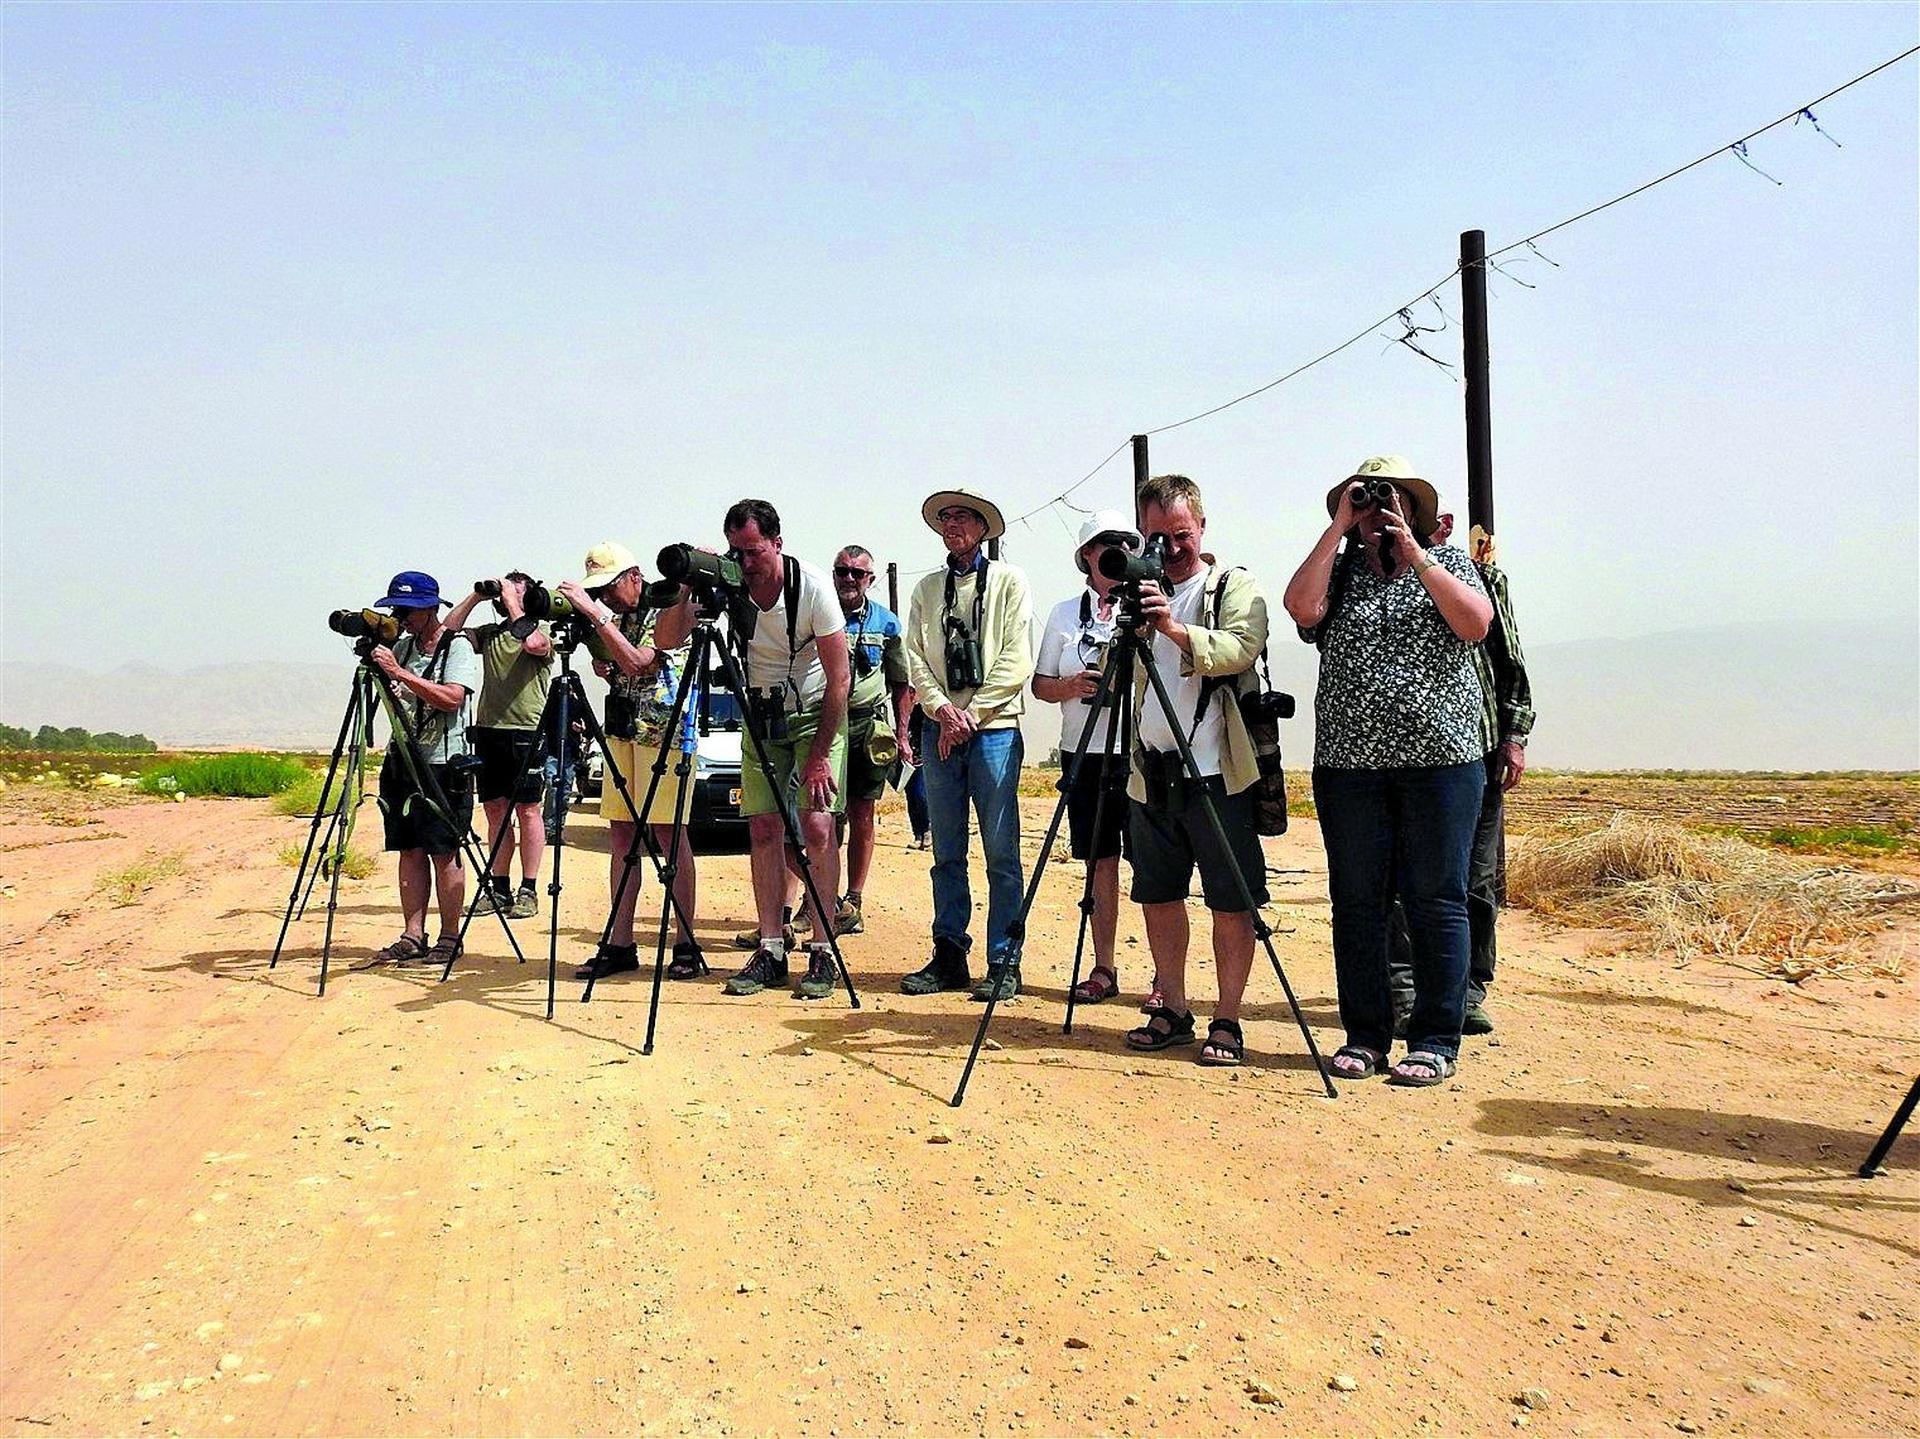 צילום: דב גרינבלט, החברה להגנת הטבע